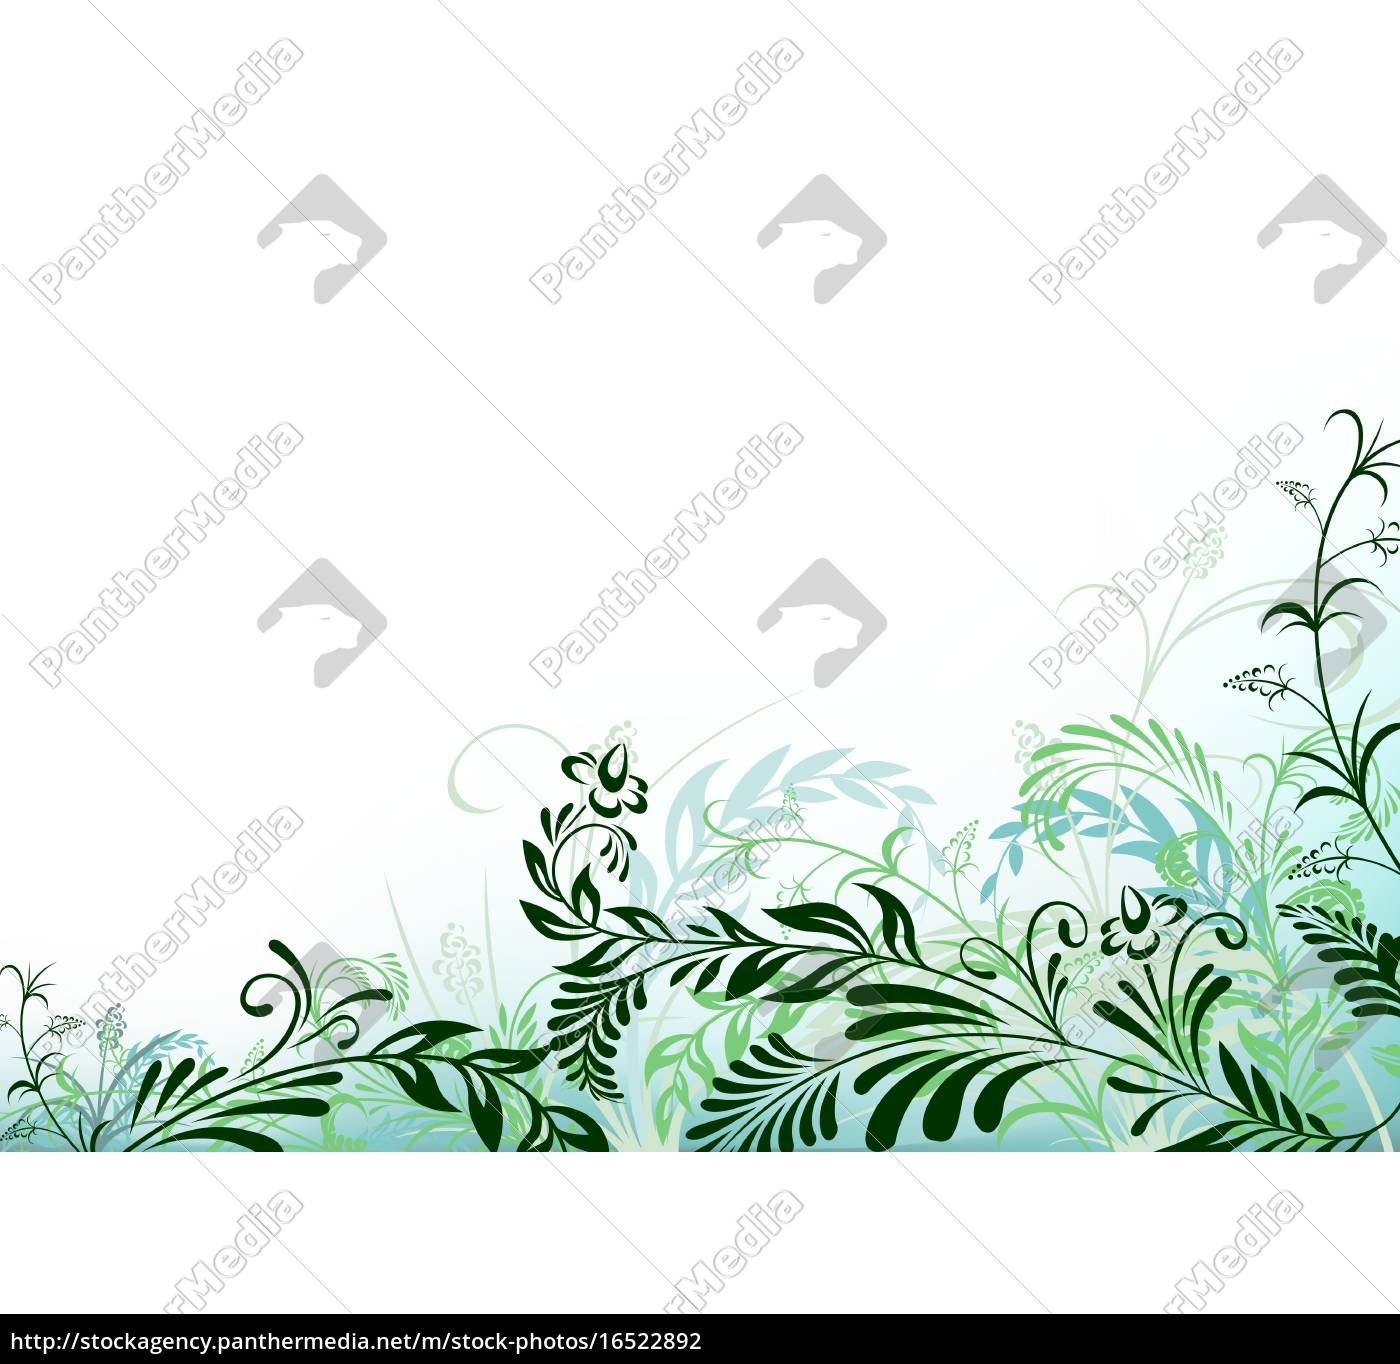 florales, hintergrunddesign - 16522892